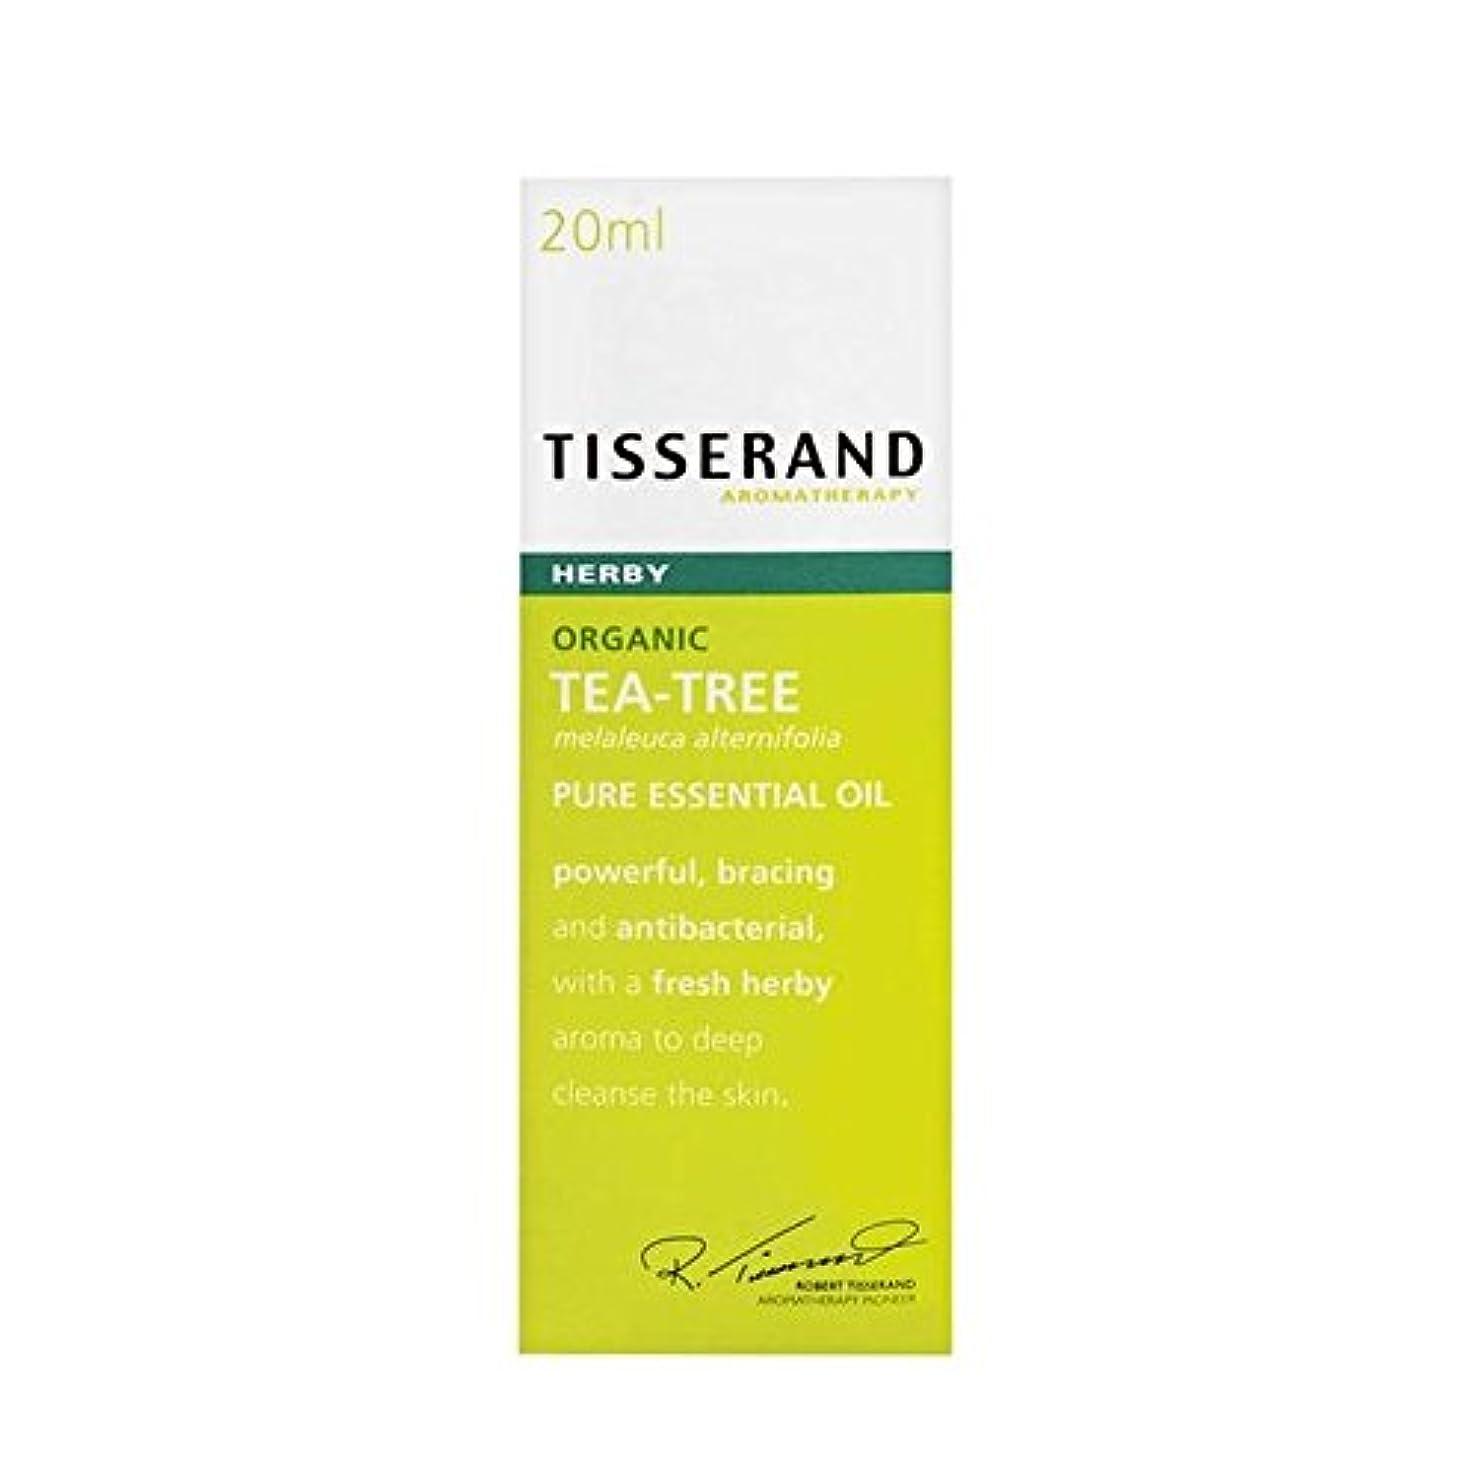 ティスランドティーツリーオーガニックピュアエッセンシャルオイル20ミリリットル x2 - Tisserand Tea Tree Organic Pure Essential Oil 20ml (Pack of 2) [並行輸入品]